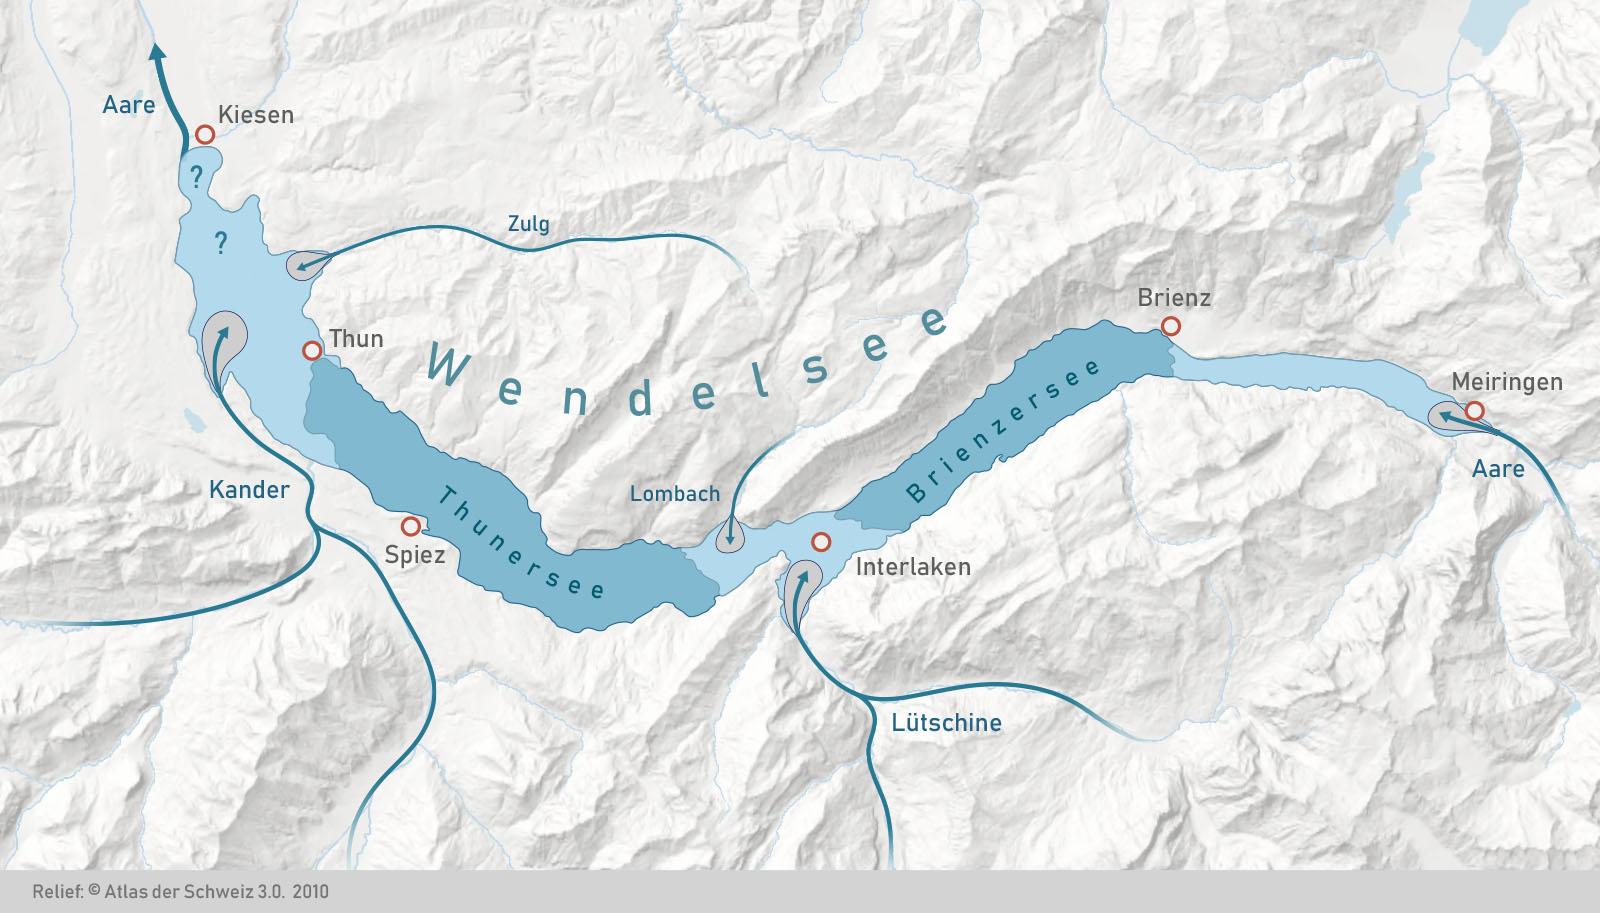 Die genauen Ausmasse des Wendelsees sind noch immer unbekannt. Dies betrifft vor allem die Gegend nördlich von Thun, wo auch Seeablagerungen aus der vorletzten Eiszeit erhalten sind